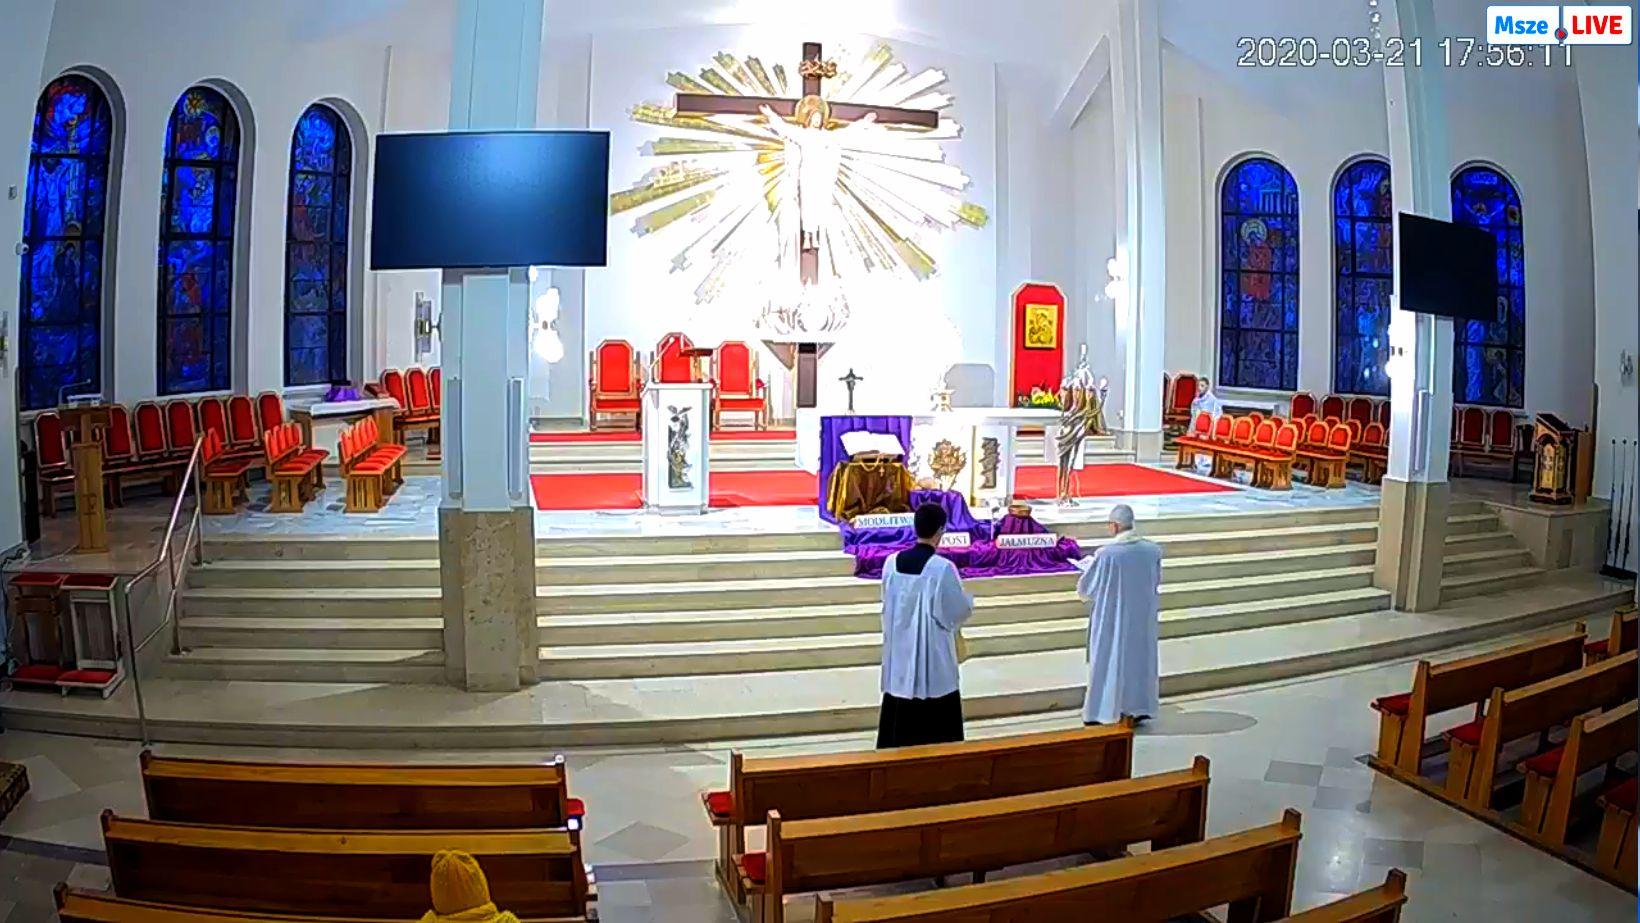 Parafia Chrystusa Króla w Radomiu - msza na żywo